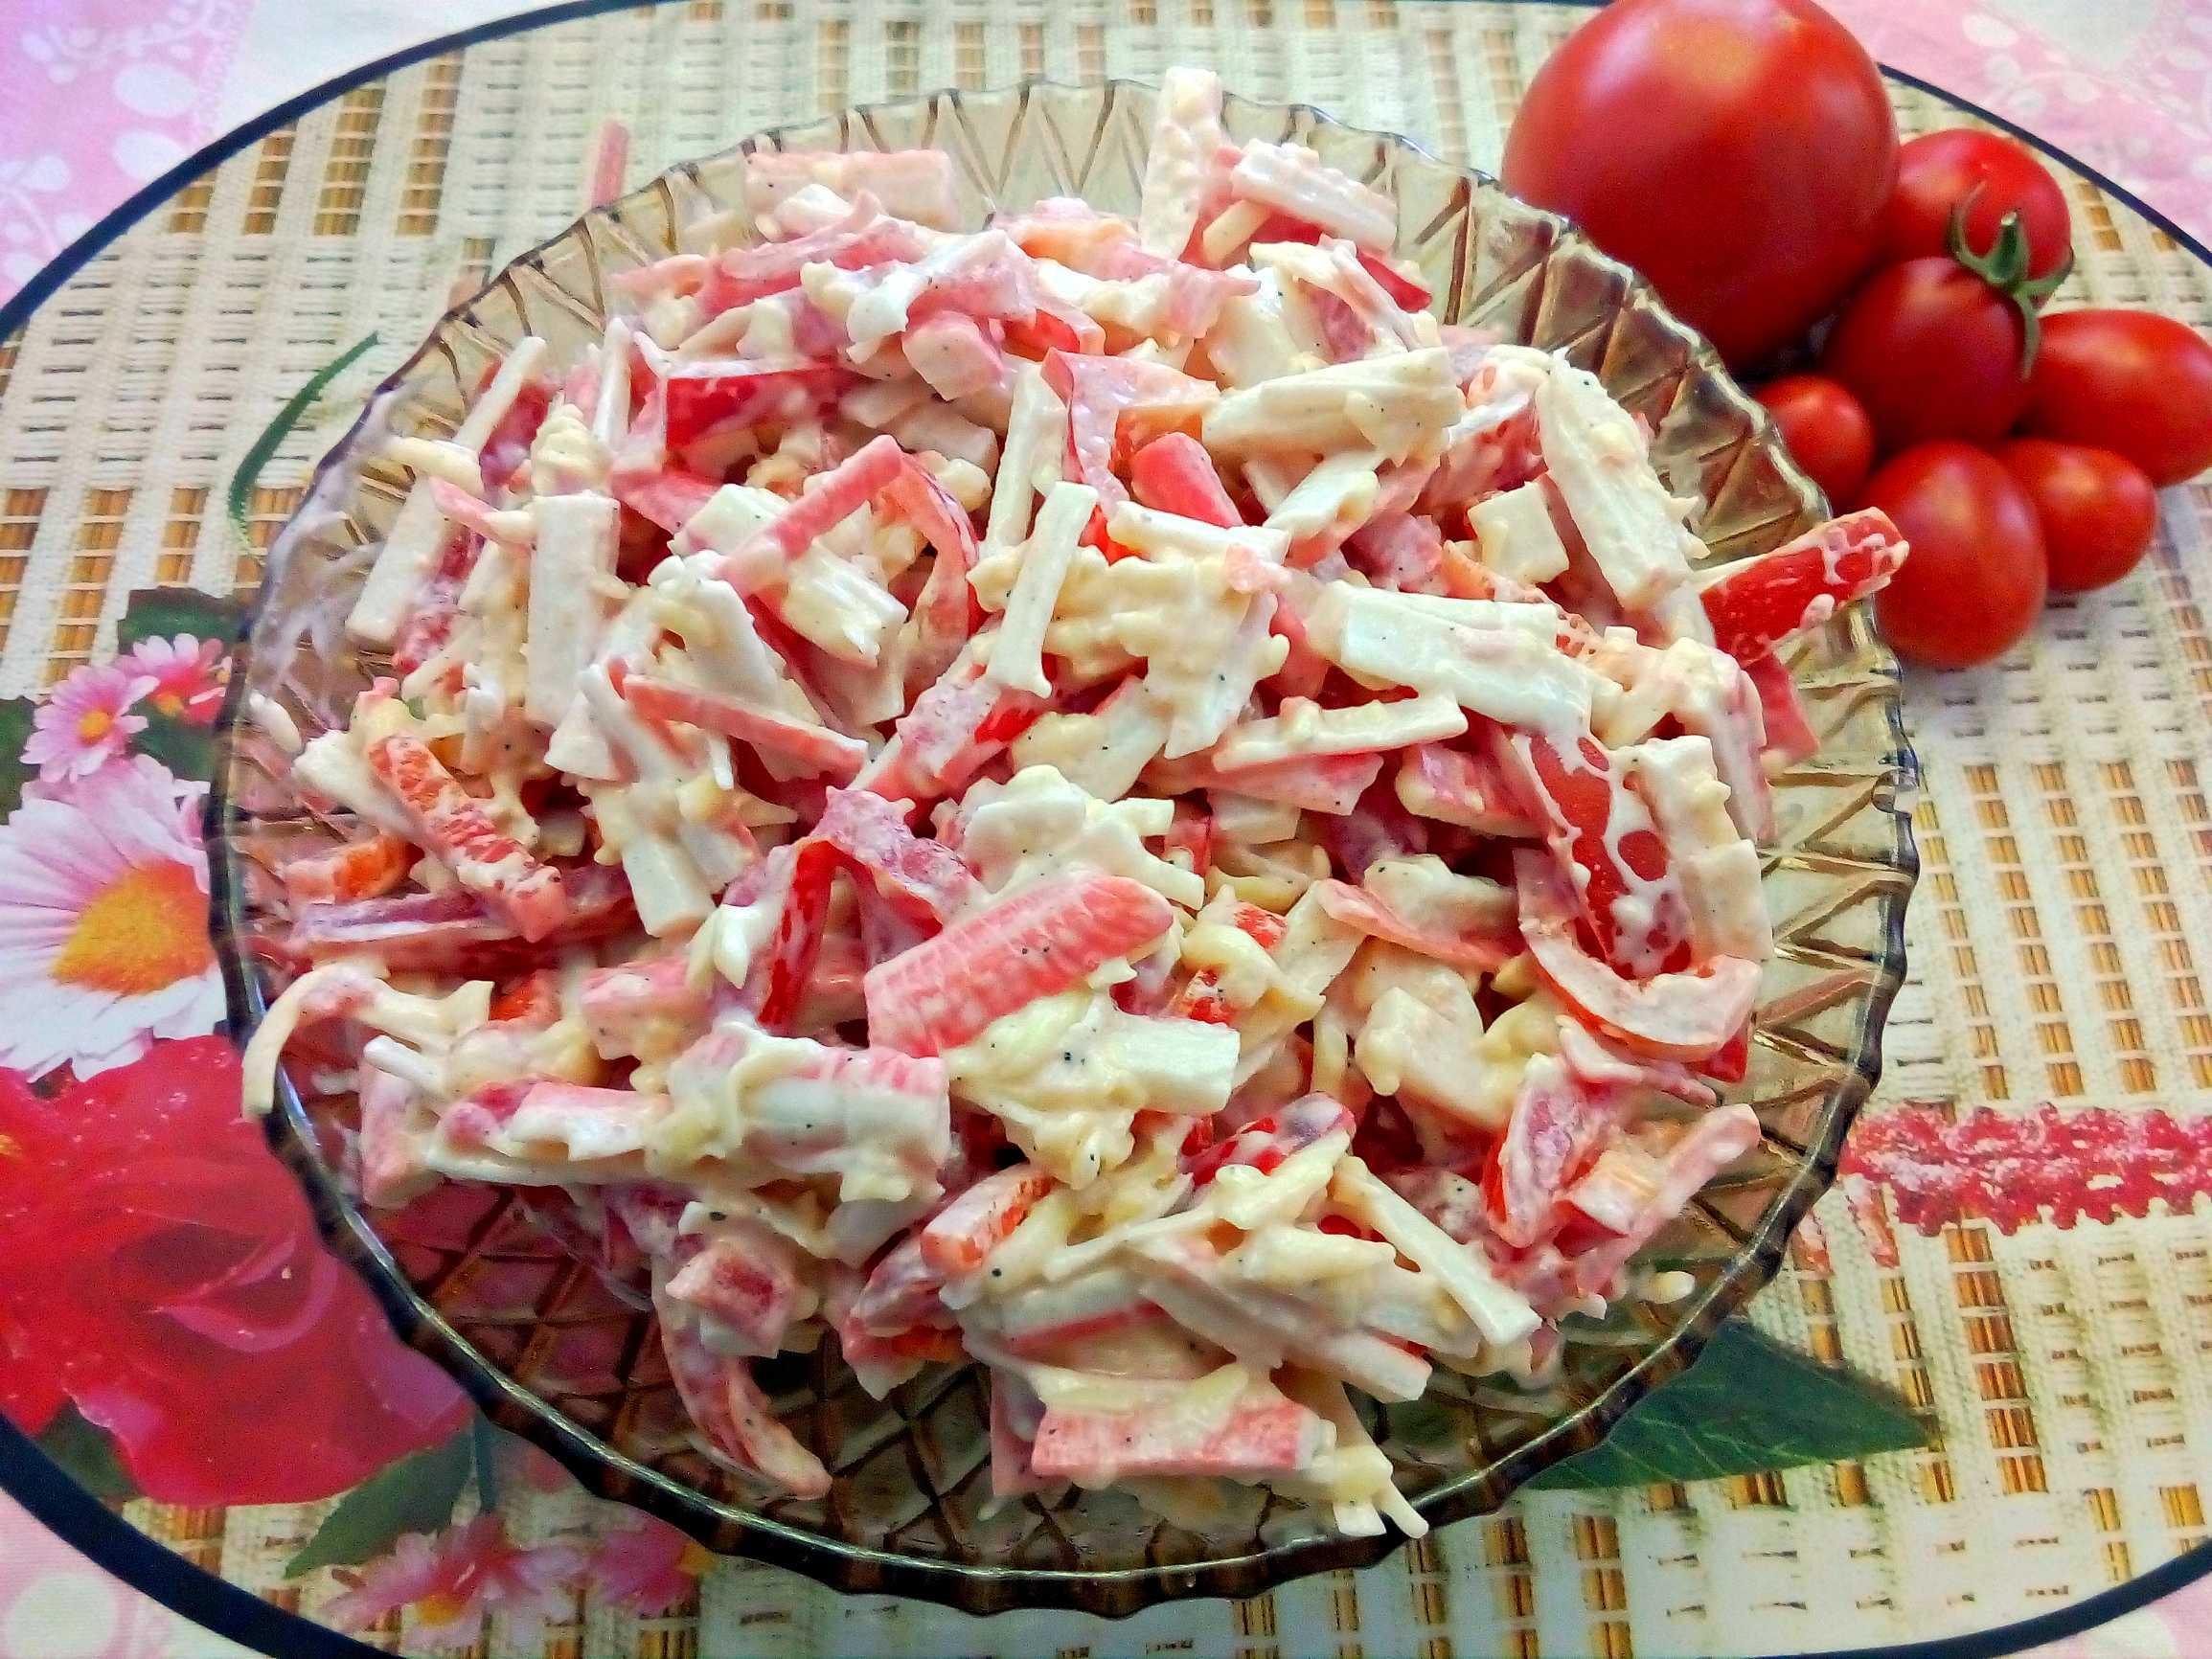 Салаты с помидорами и сыром. 10 рецептов как приготовить вкусный закусочный салат